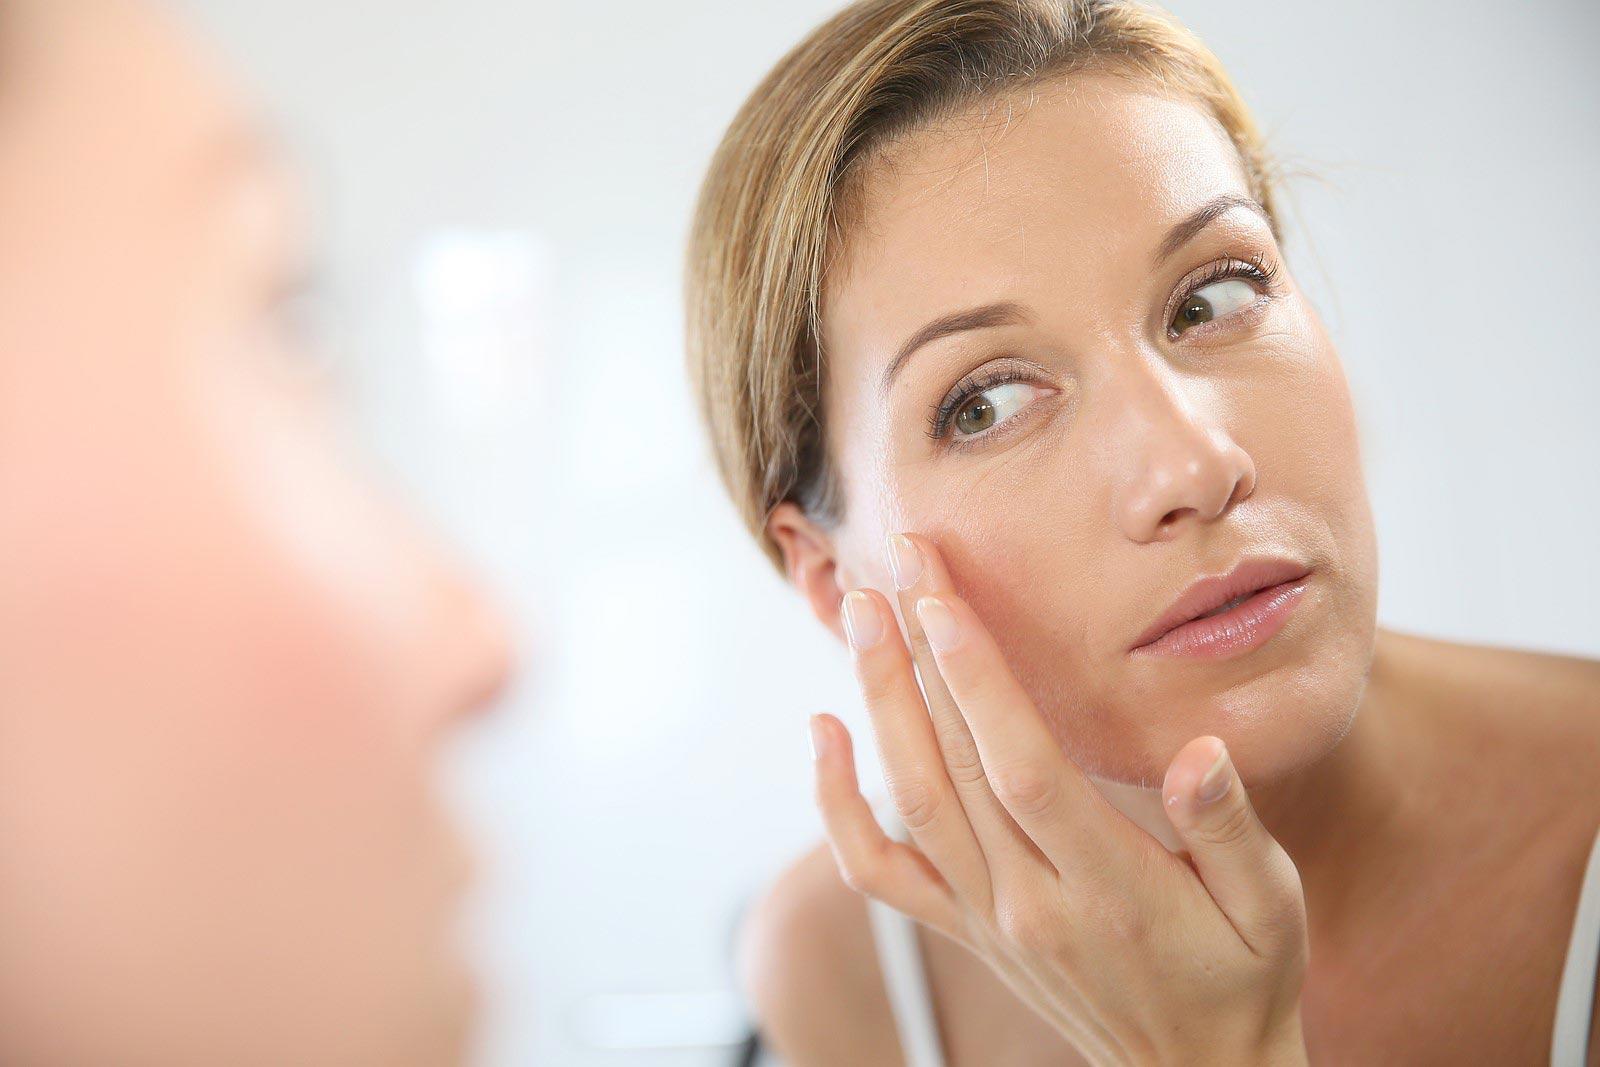 Шелушится и сохнет кожа на лице: что делать, причины, как убрать, какой крем и средства выбрать, маски в домашних условиях